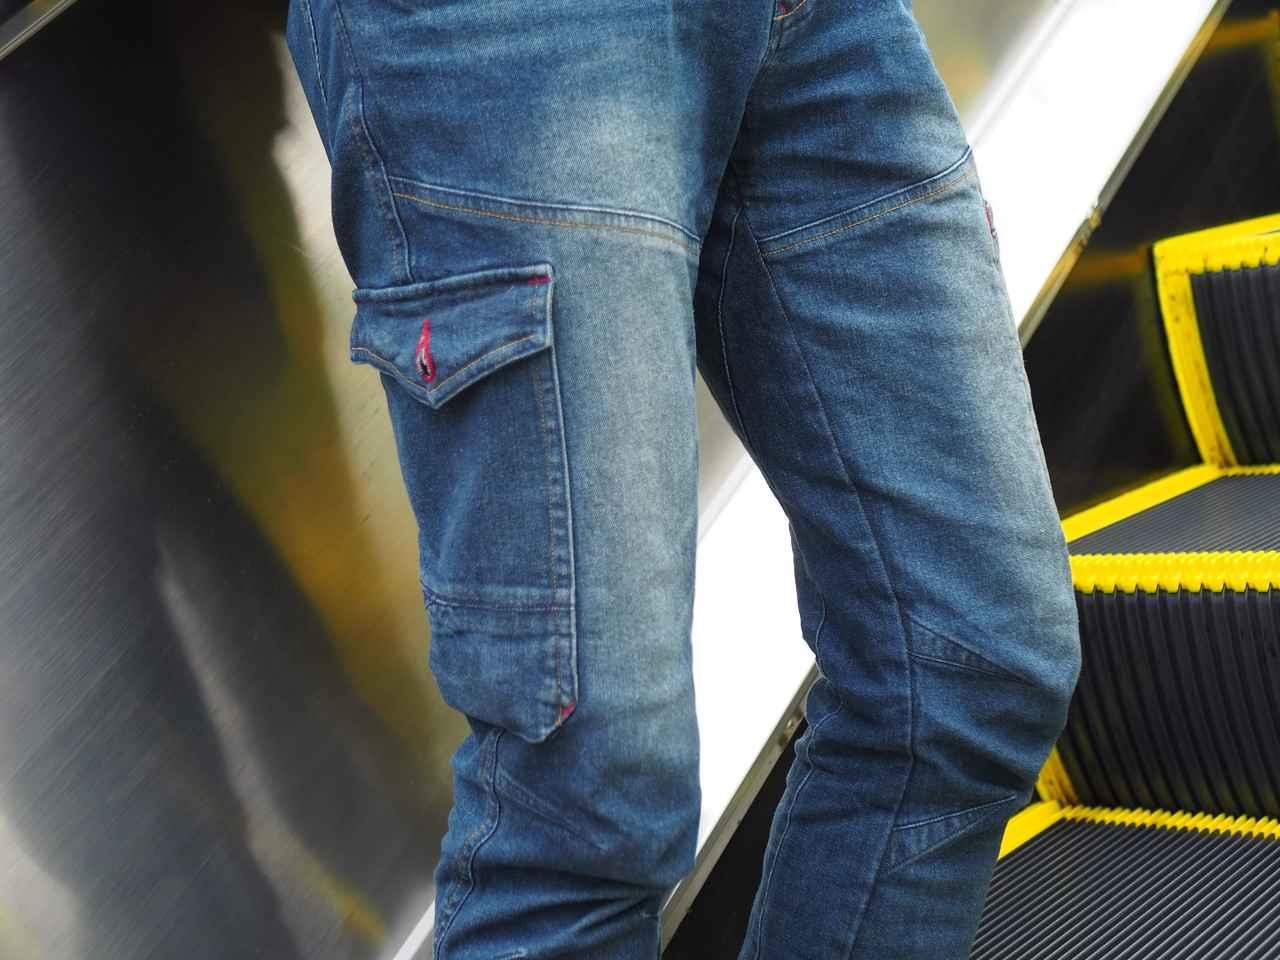 画像: ワークマンのクライミンパンツ・ストレッチパンツを大解剖! - ハピキャン(HAPPY CAMPER)